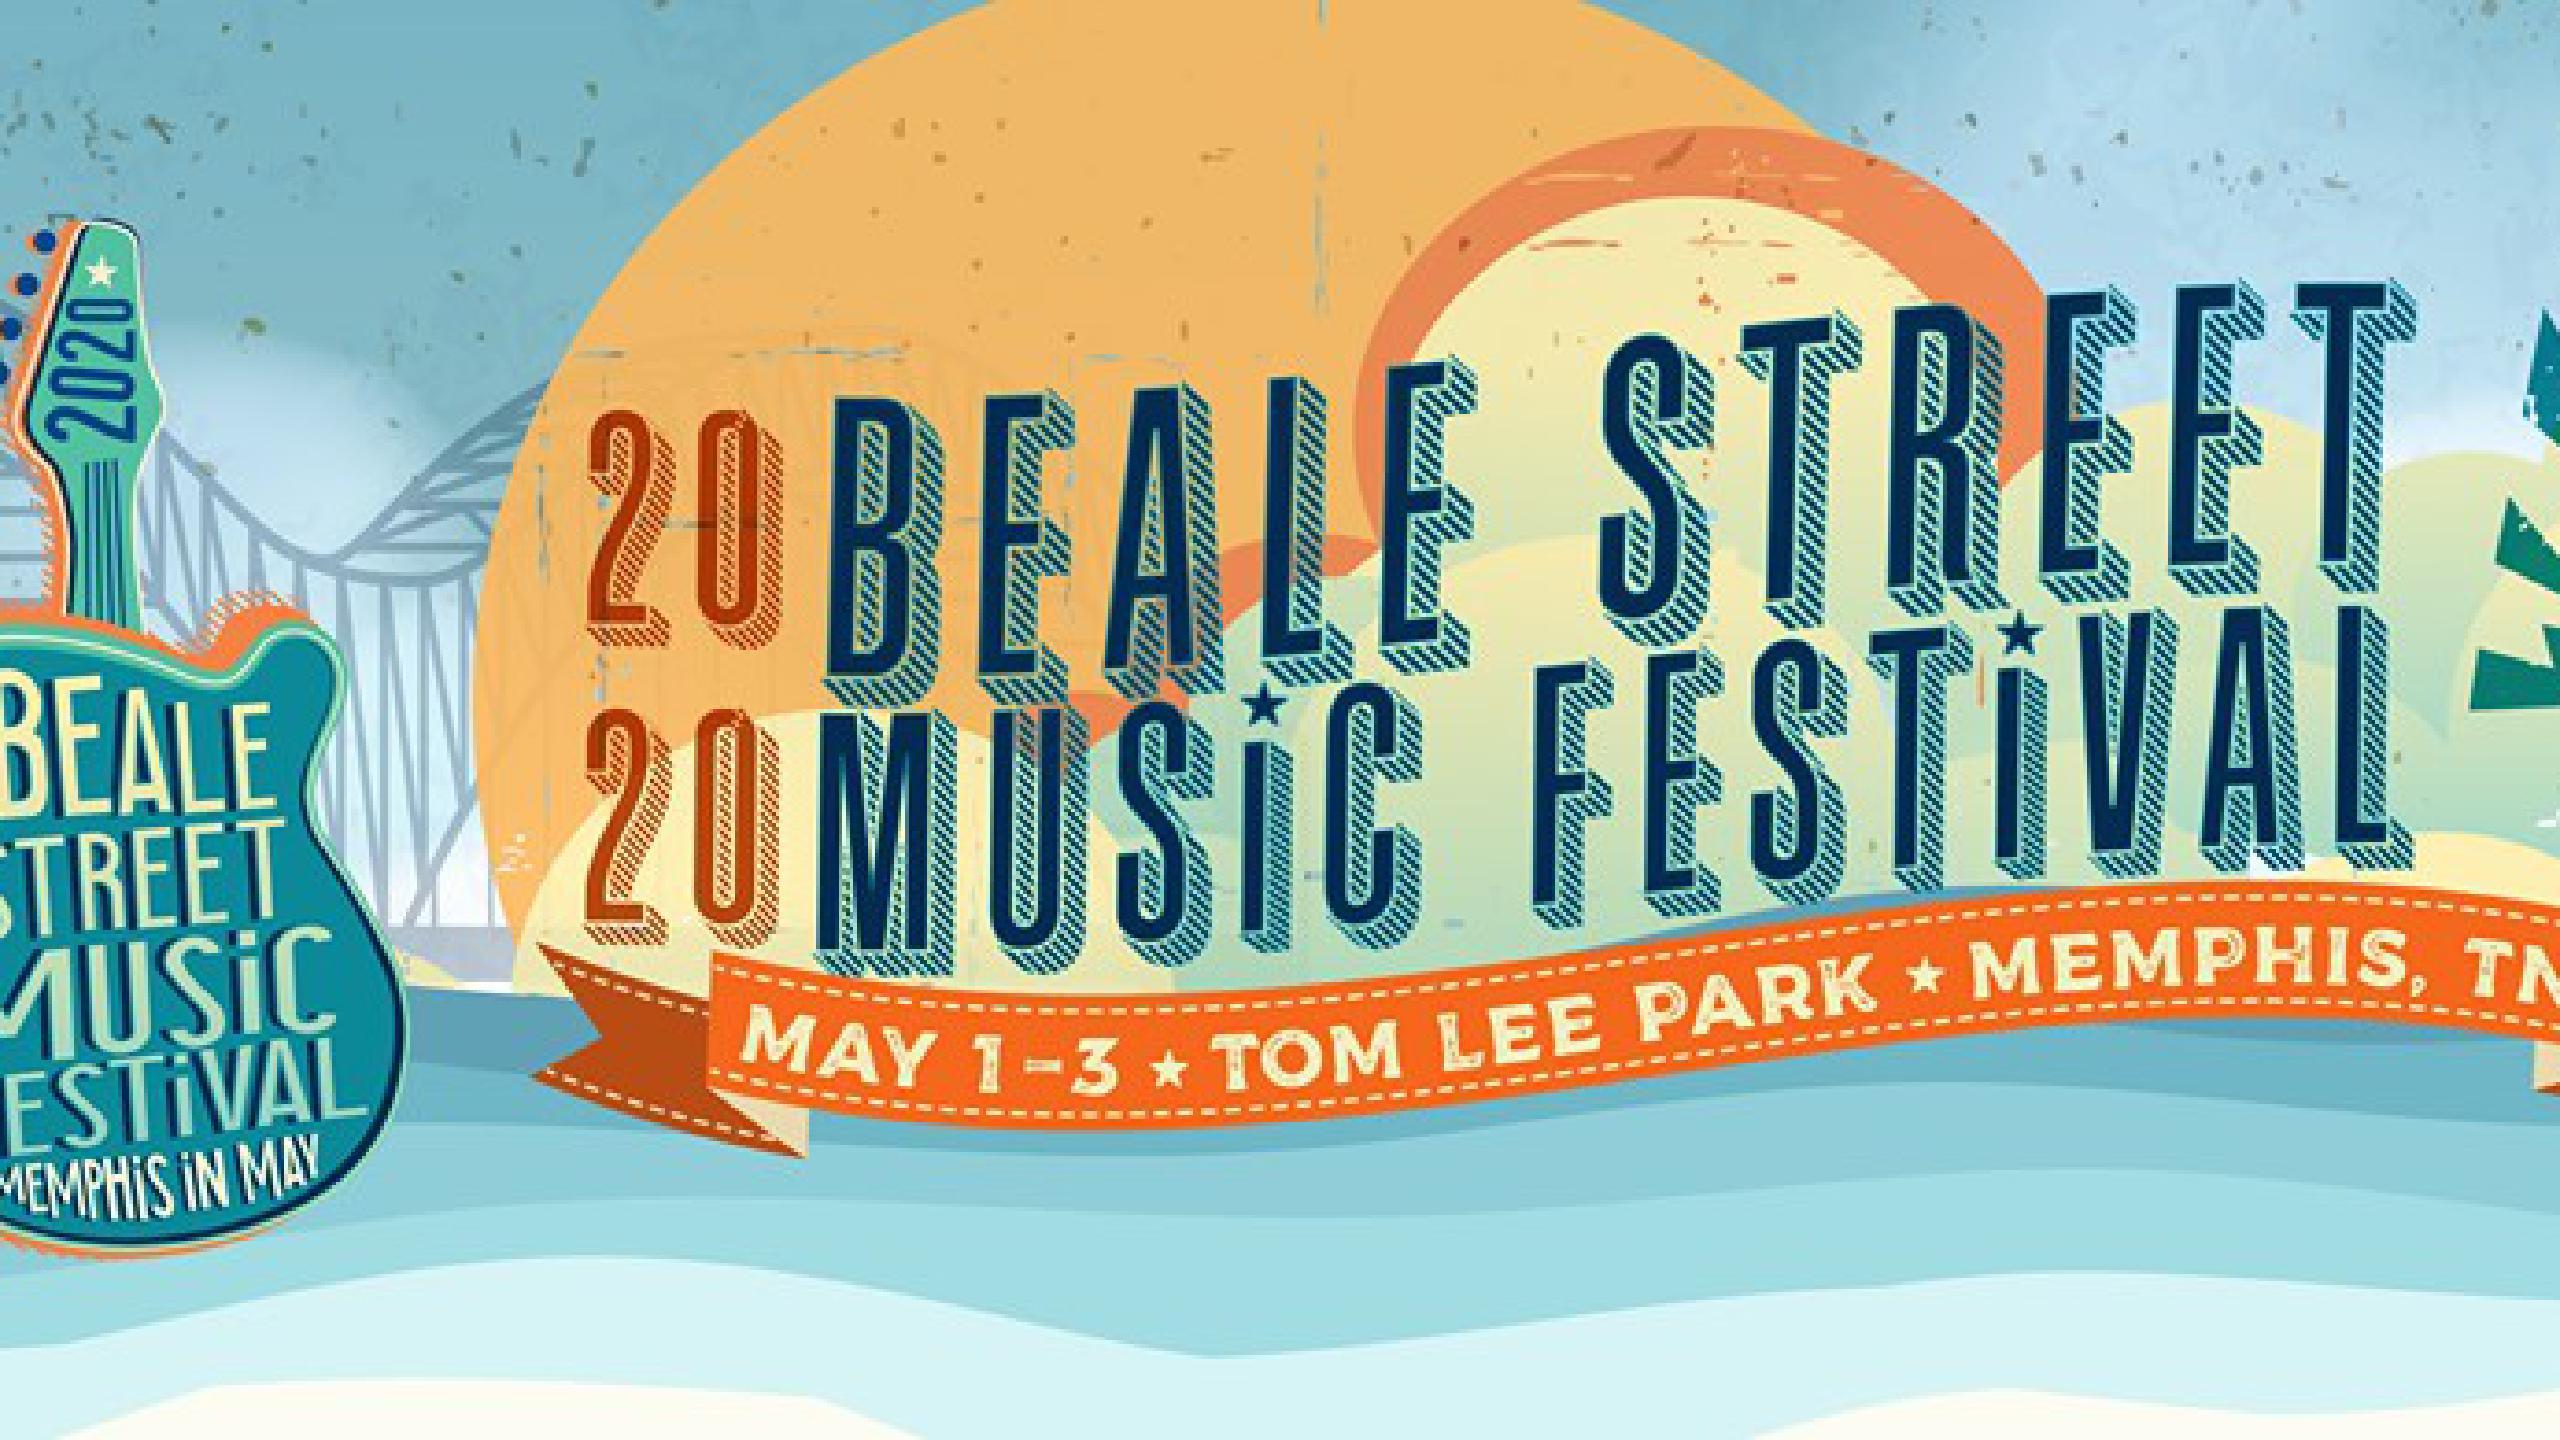 Philadelphia Folk Festival 2020.Beale Street Music Festival 2020 Tickets Lineup Bands For